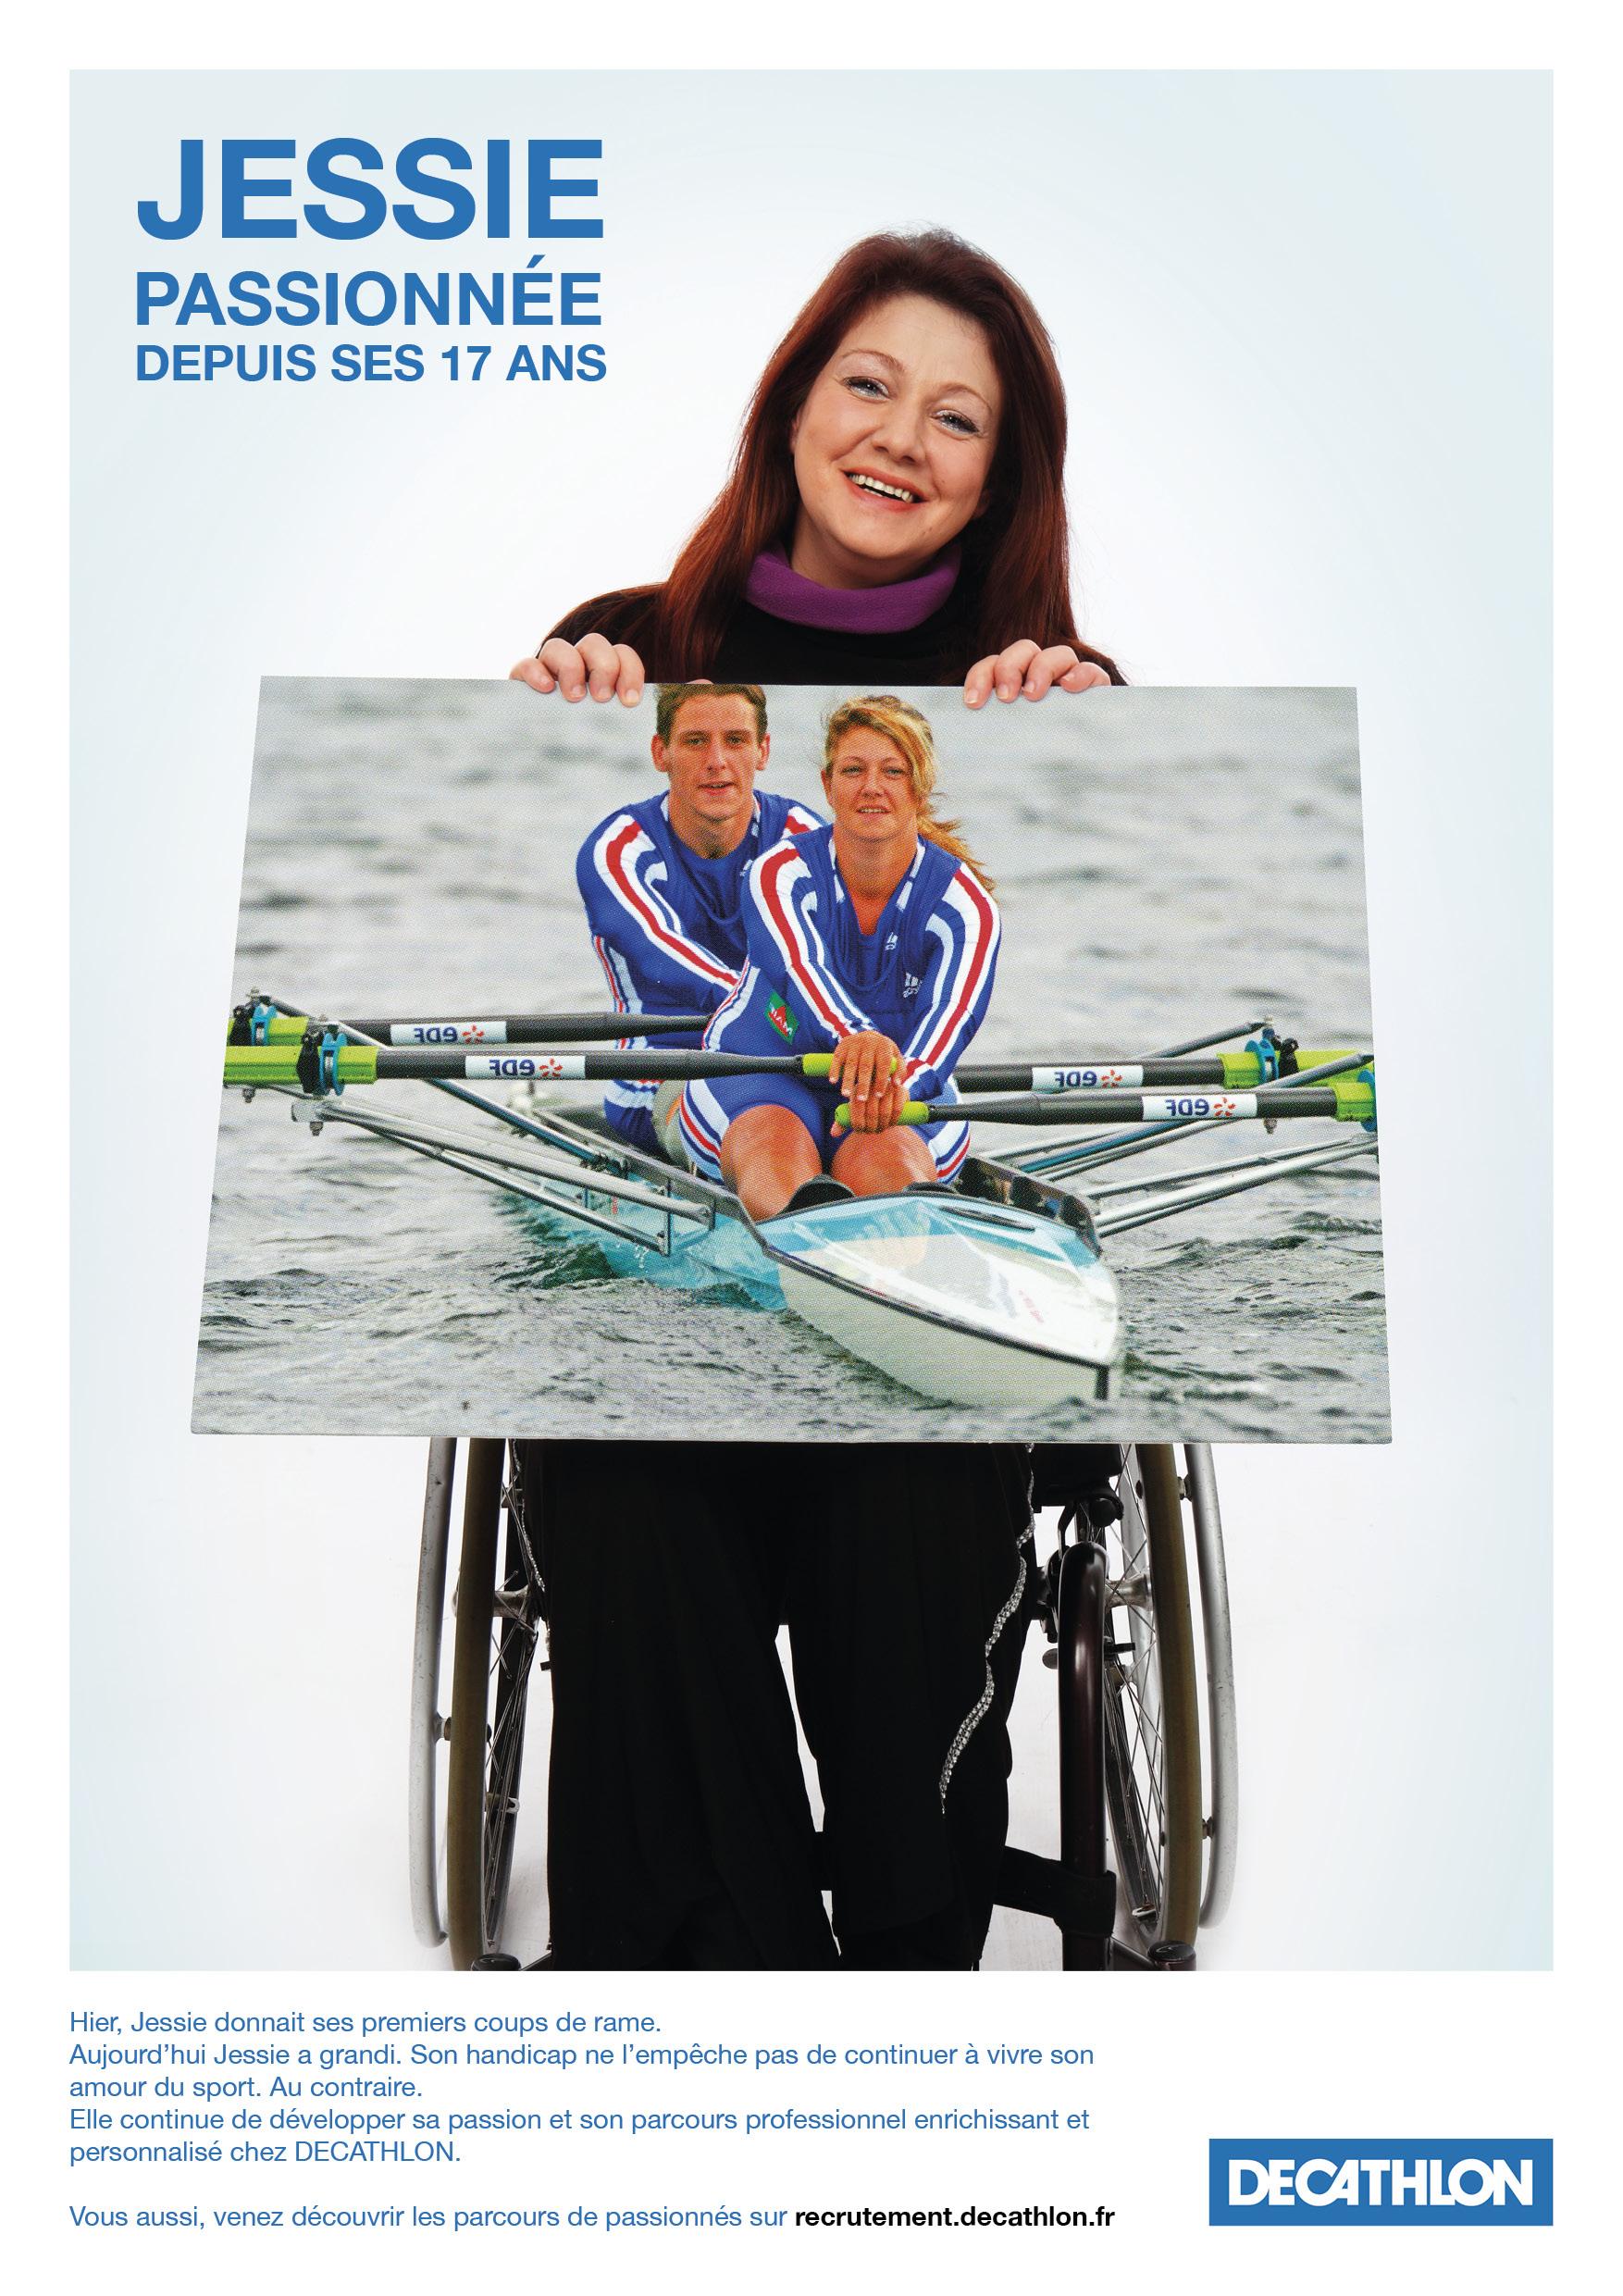 Passionnes-depuis-handicap-Jessie-